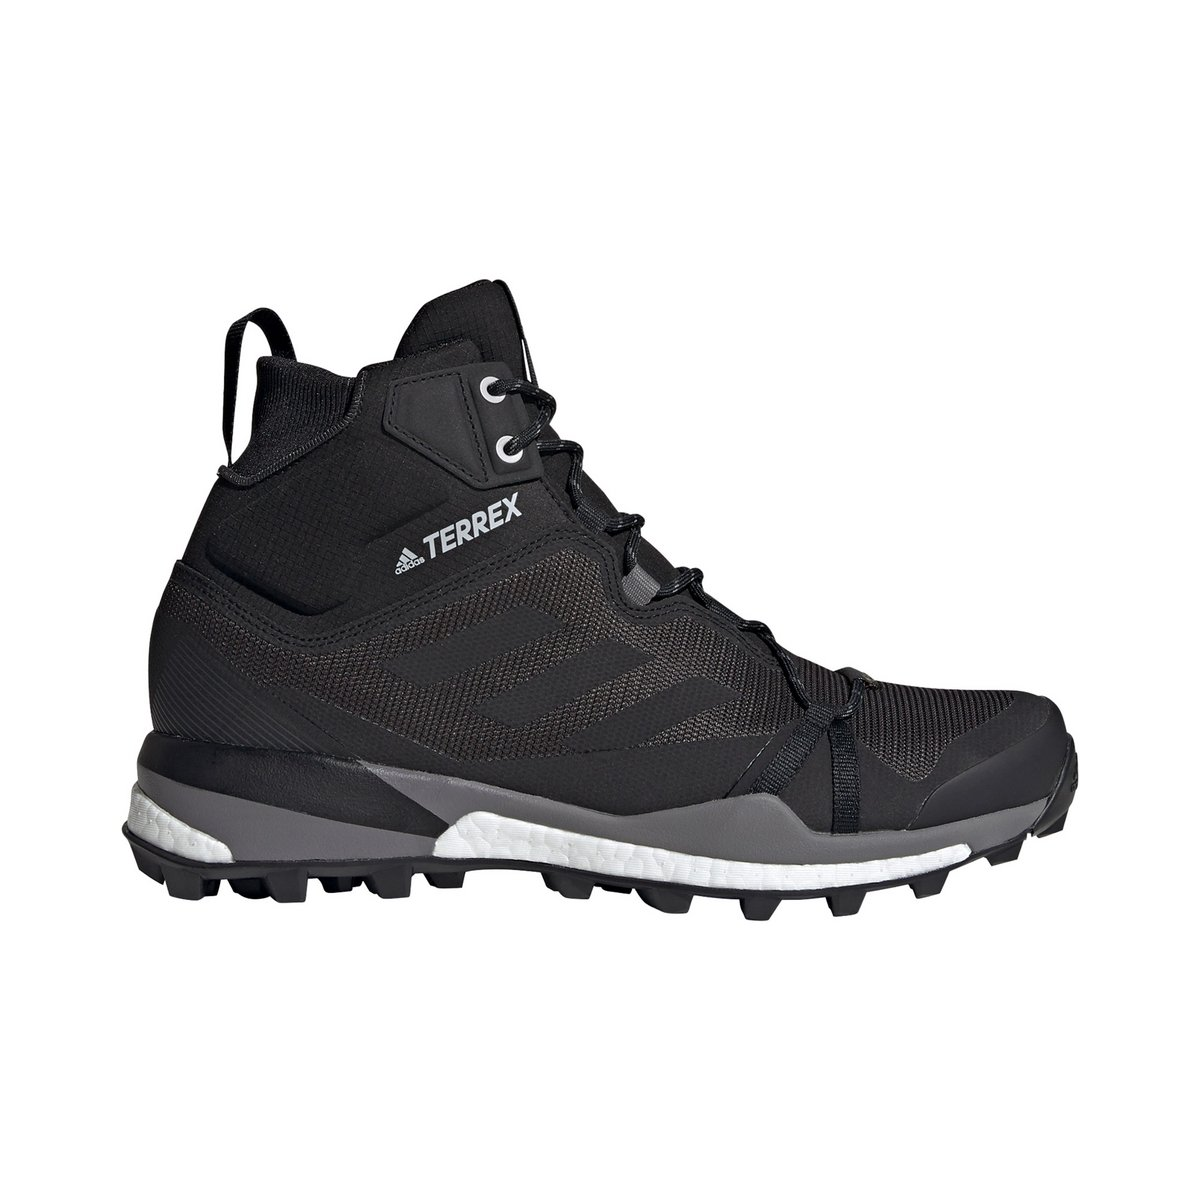 Adidas Terrex Men's Terrex Skychaser LT Mid GORE-TEX Walking Boots 0